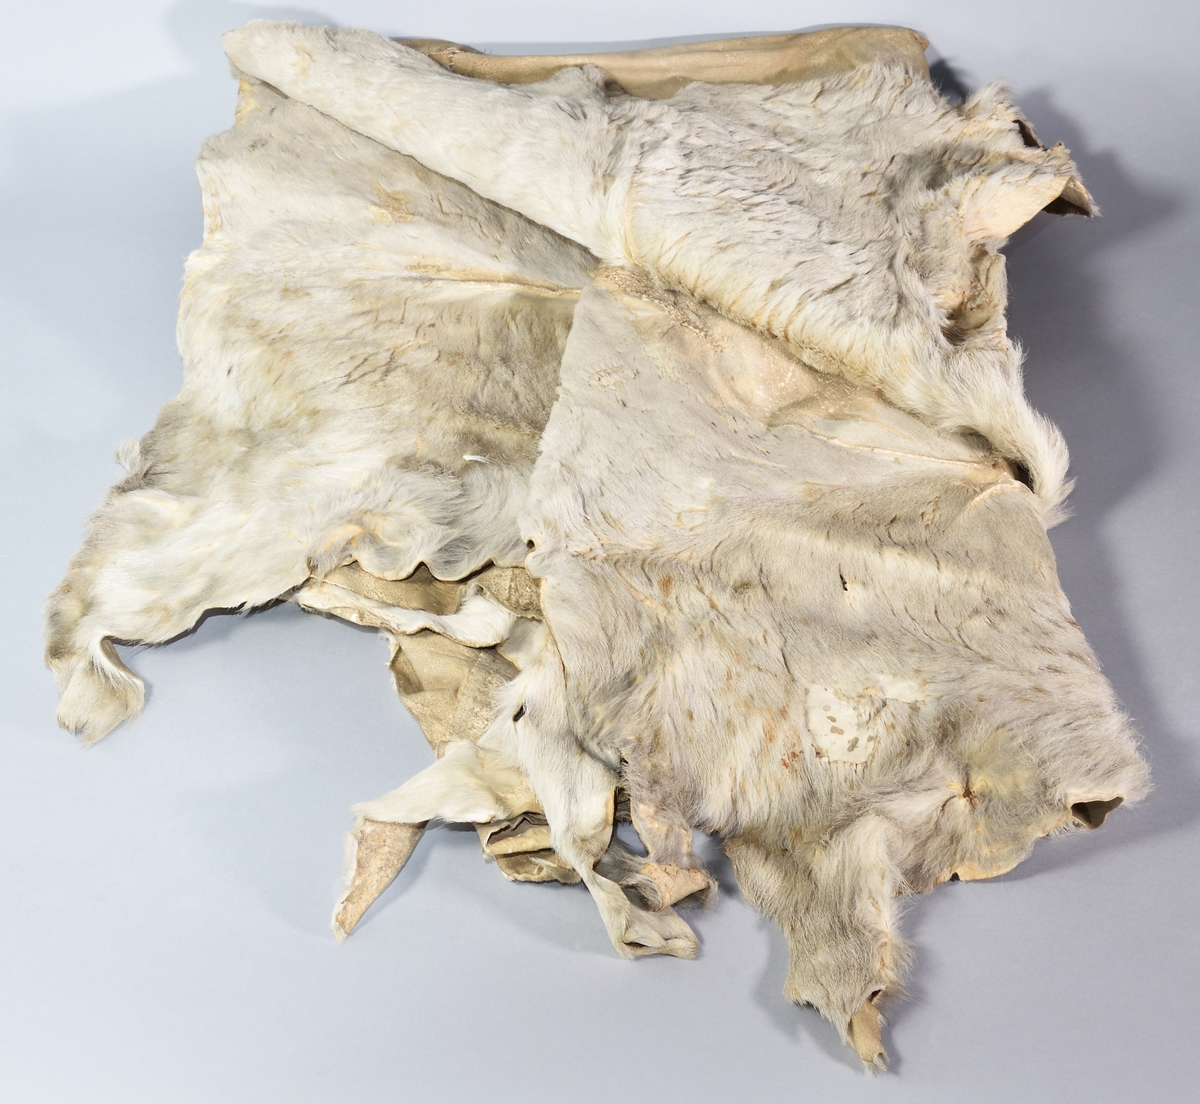 Fäll av kalvskinn, vit med bruna fläckar, rektangulär. Håret delvis borta.